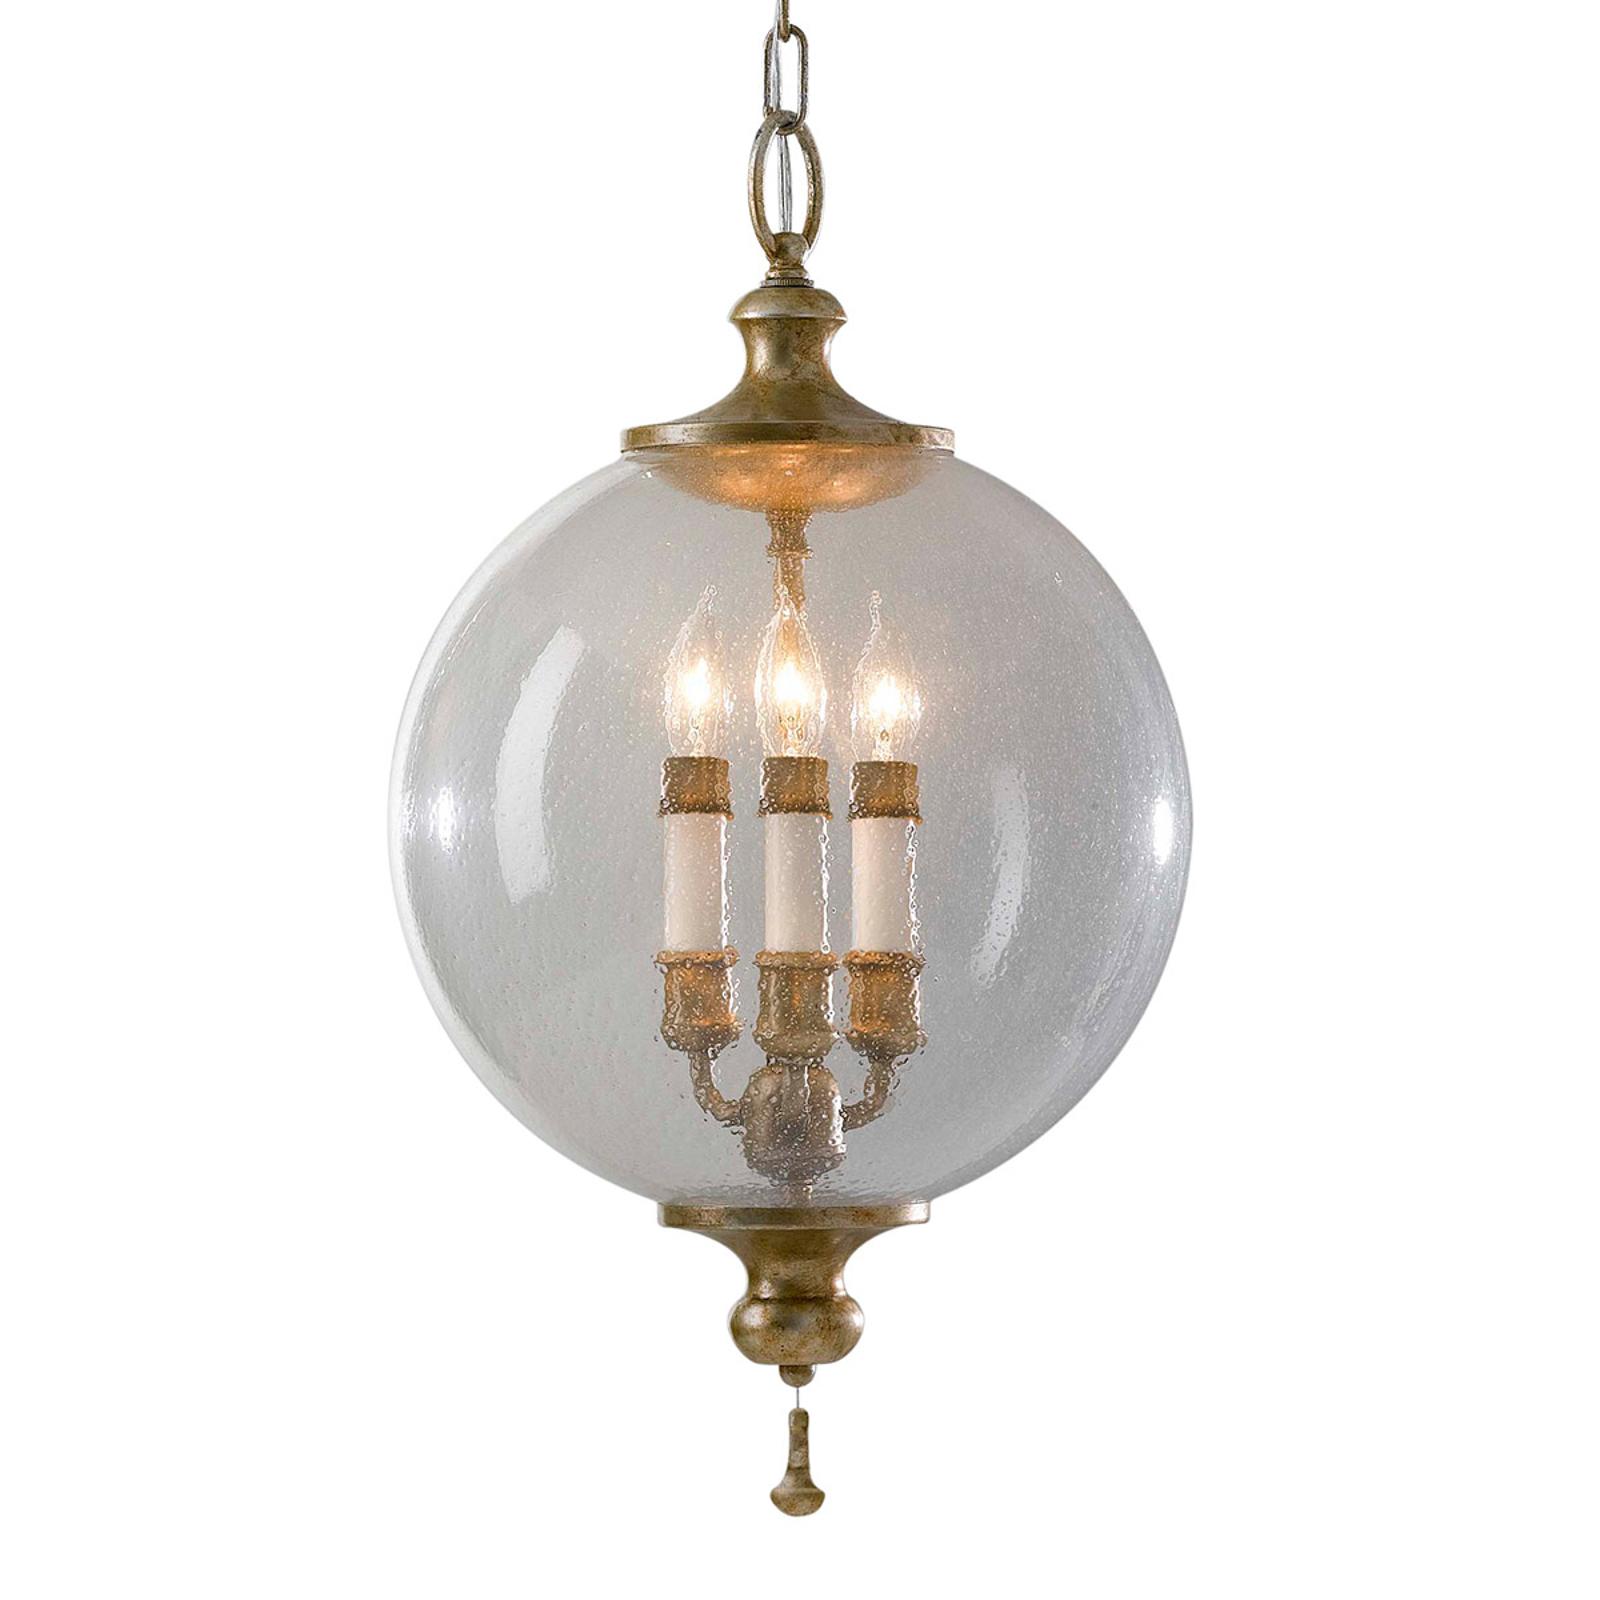 Argento hængelampe med glaskugle